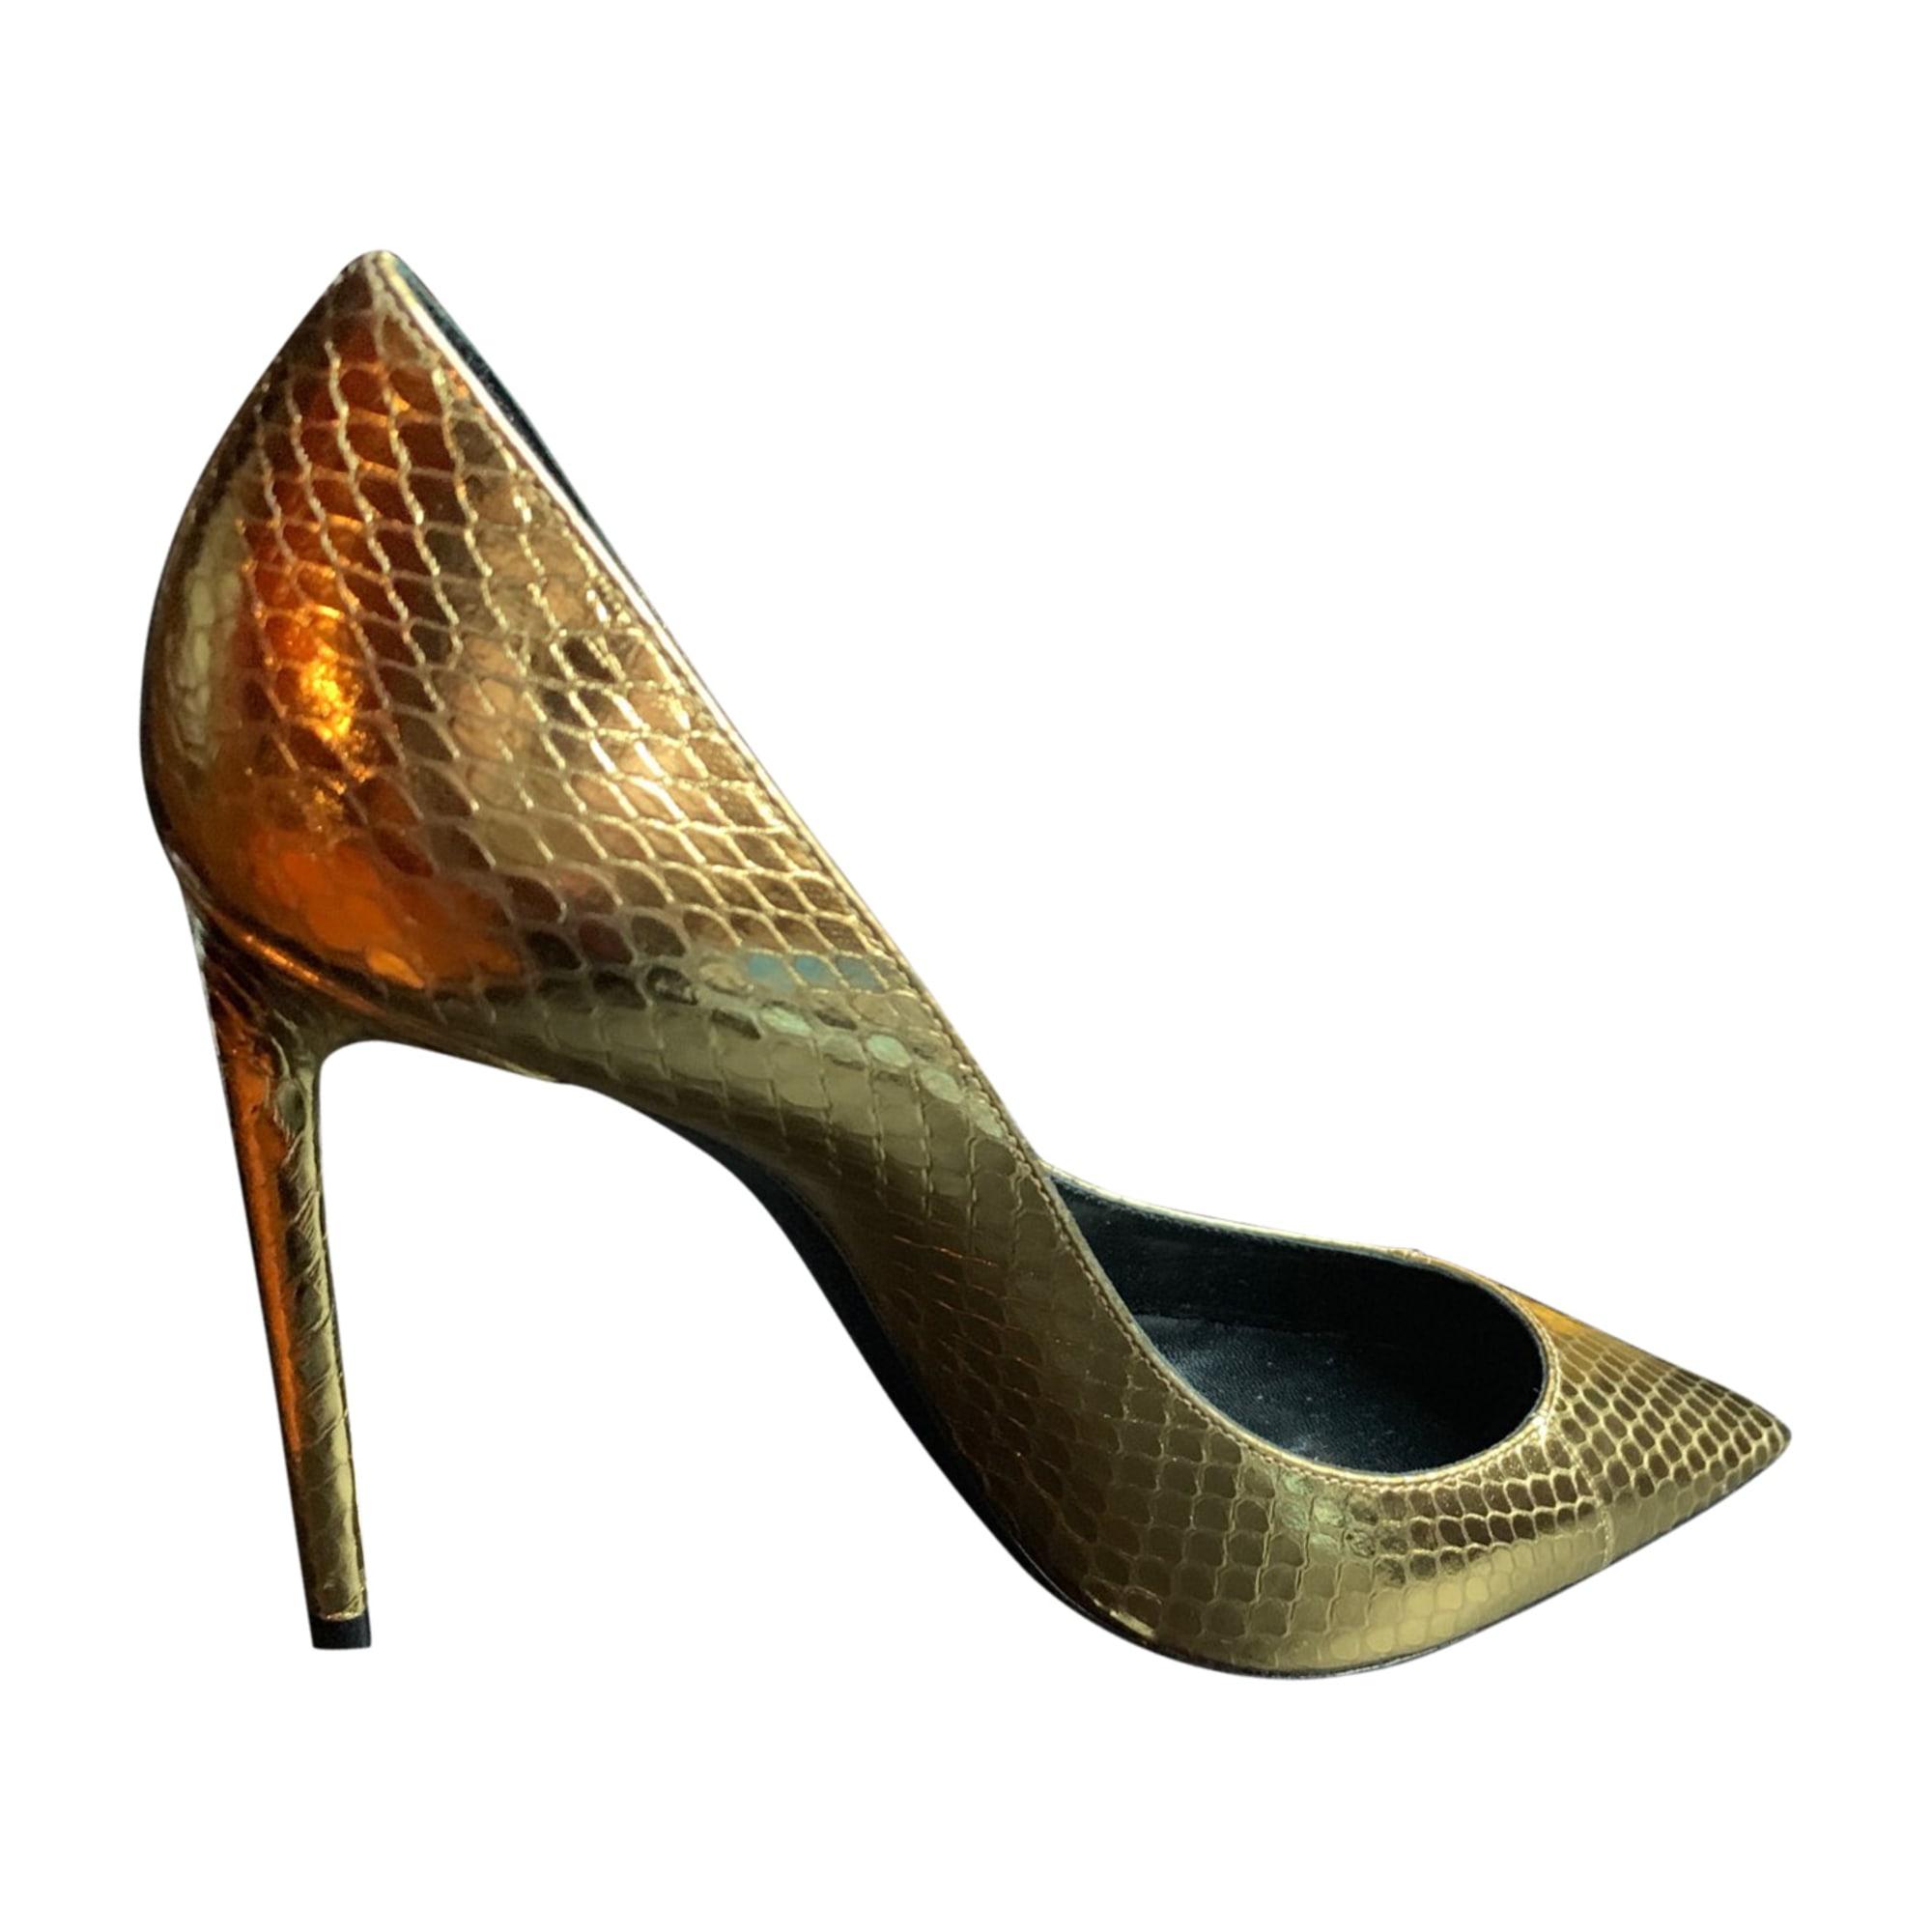 Pumps, Heels YVES SAINT LAURENT Golden, bronze, copper